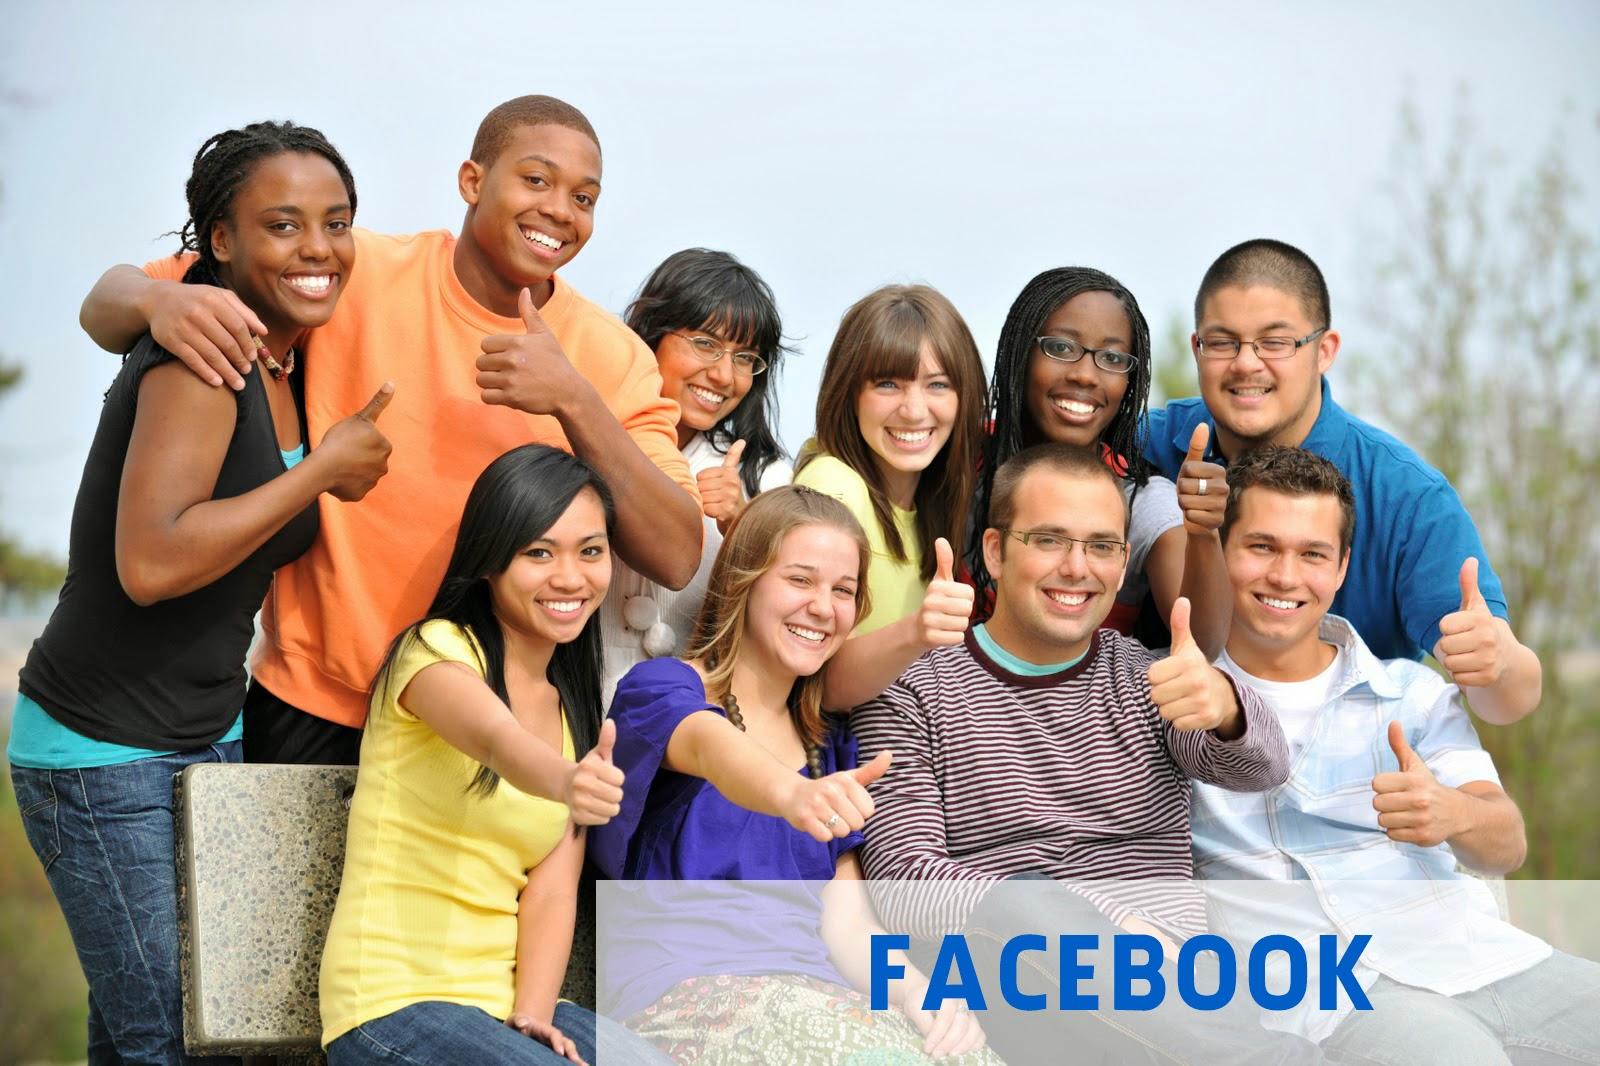 Facebook vẫn được tin dùng bởi phần đông giới trẻ